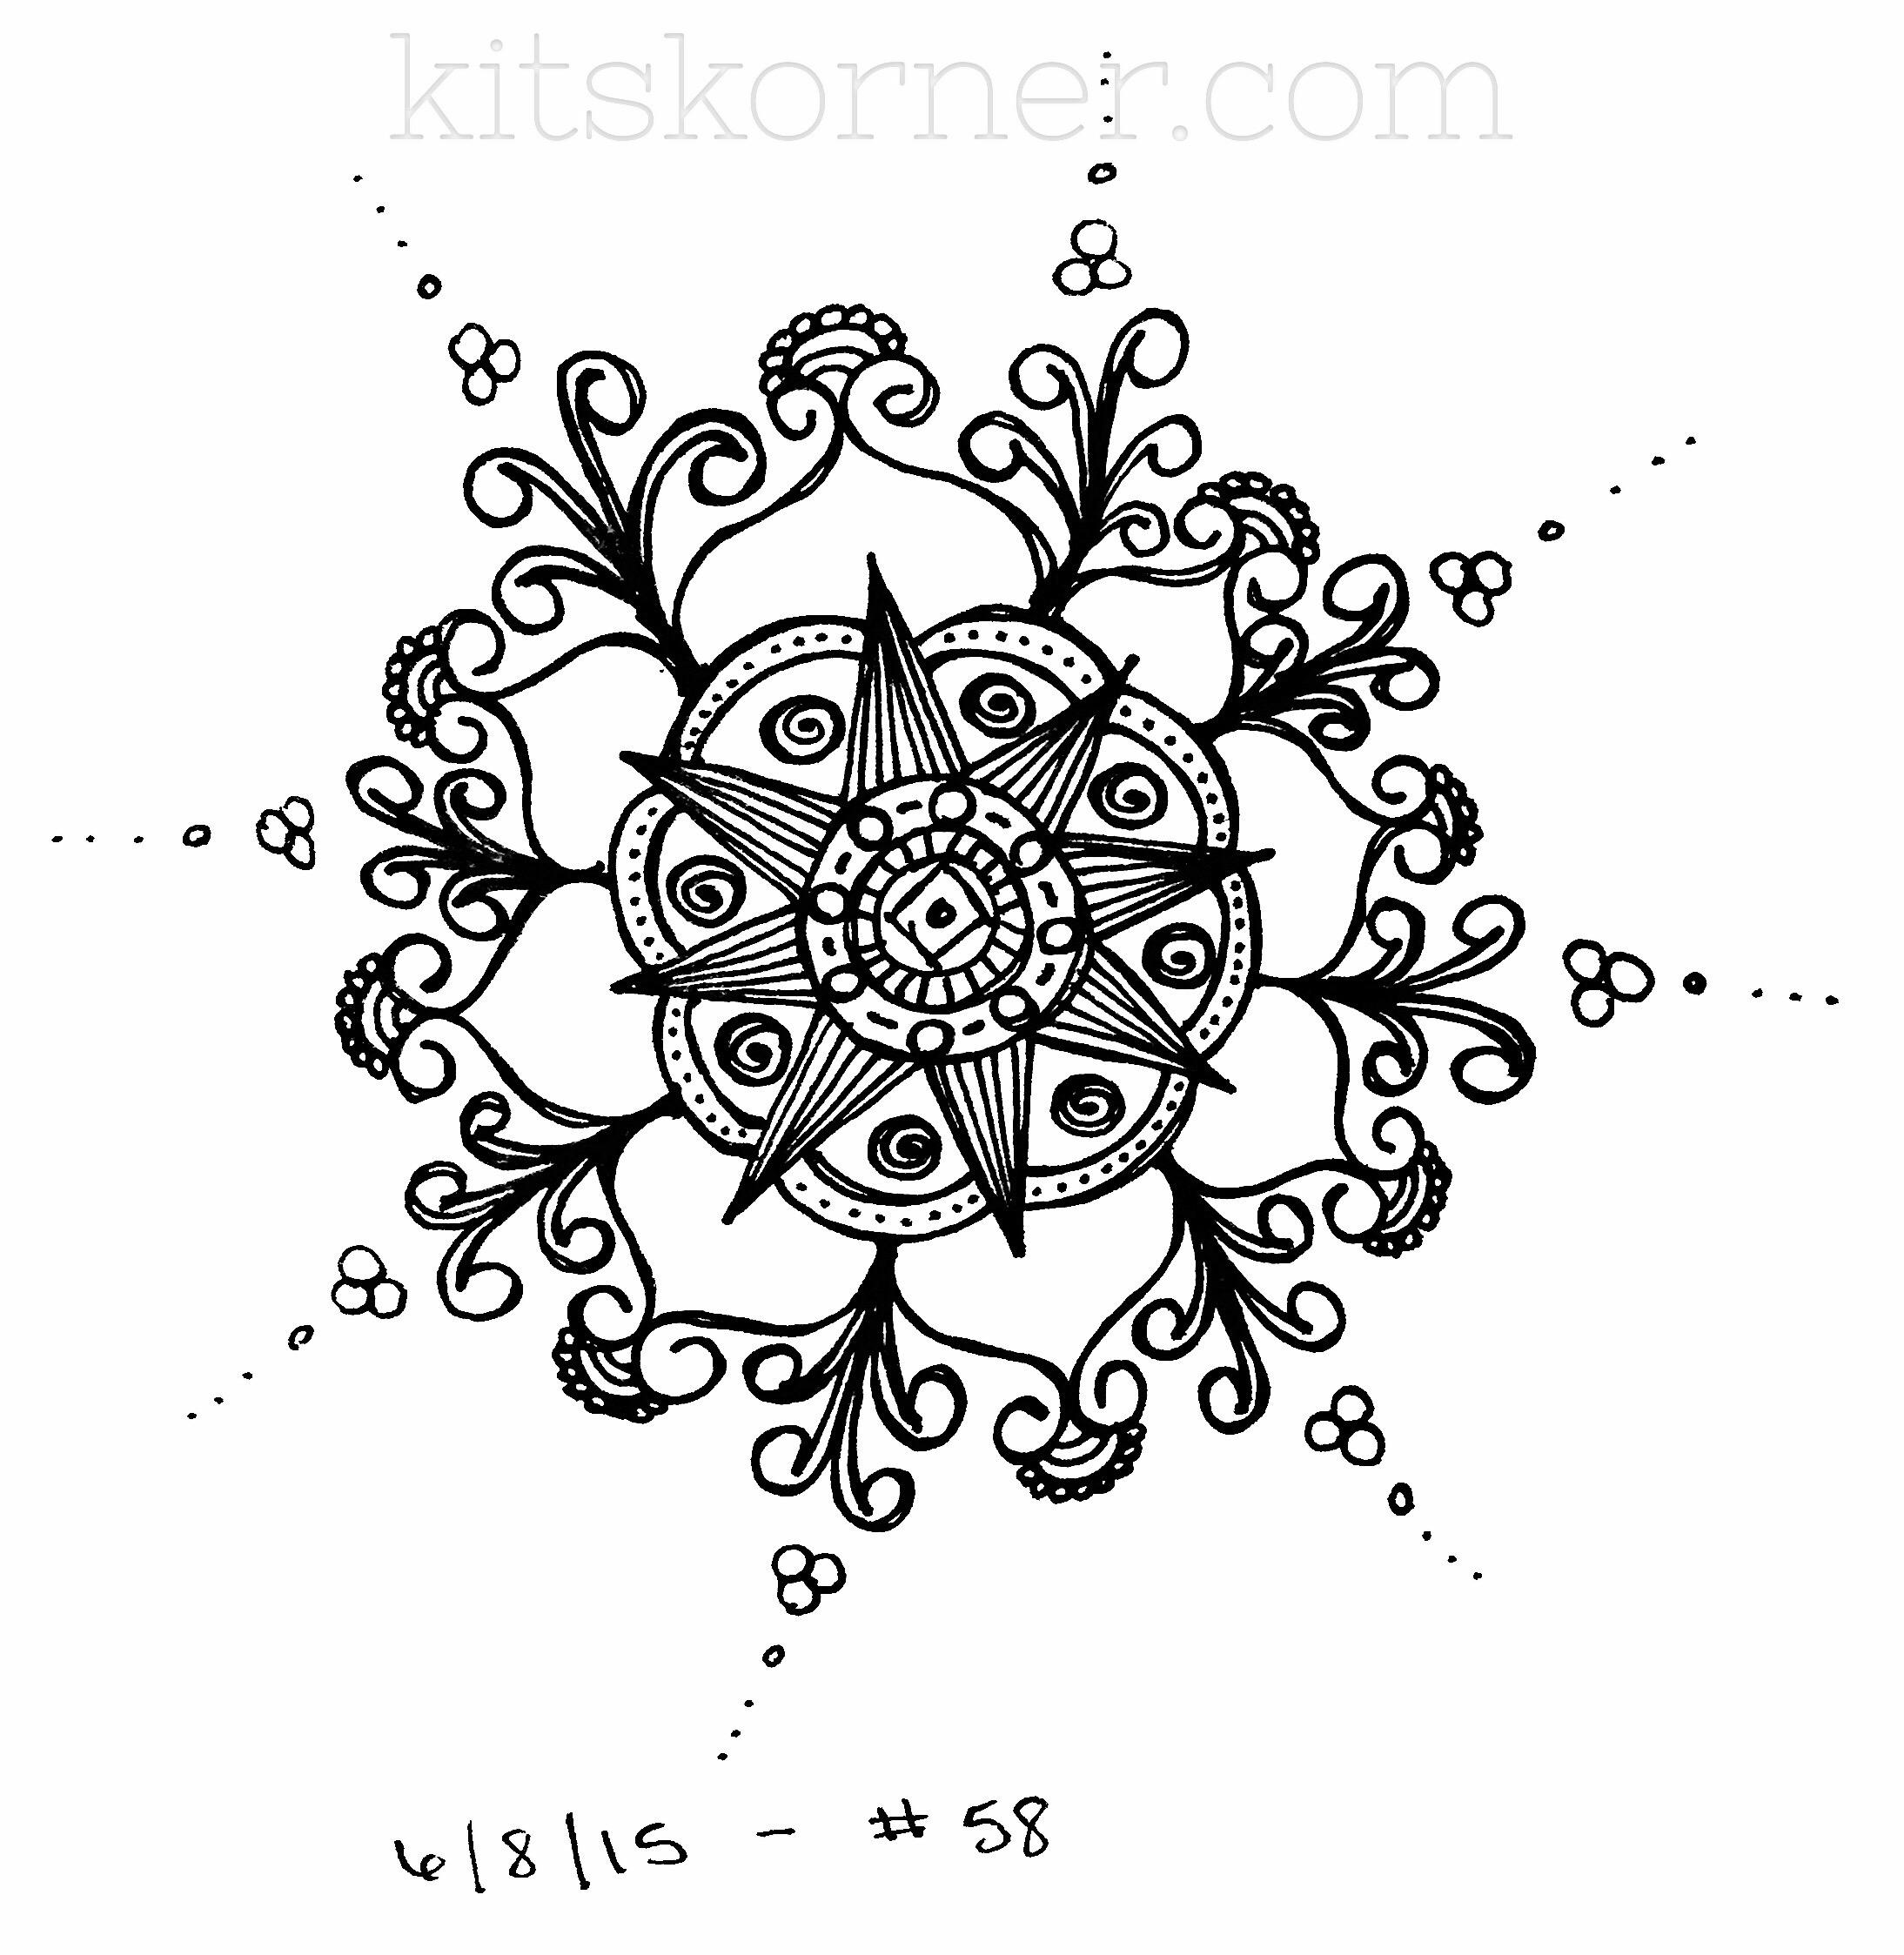 Sketchbook : 100 Mandalas Challenge Week 9 • kitskorner